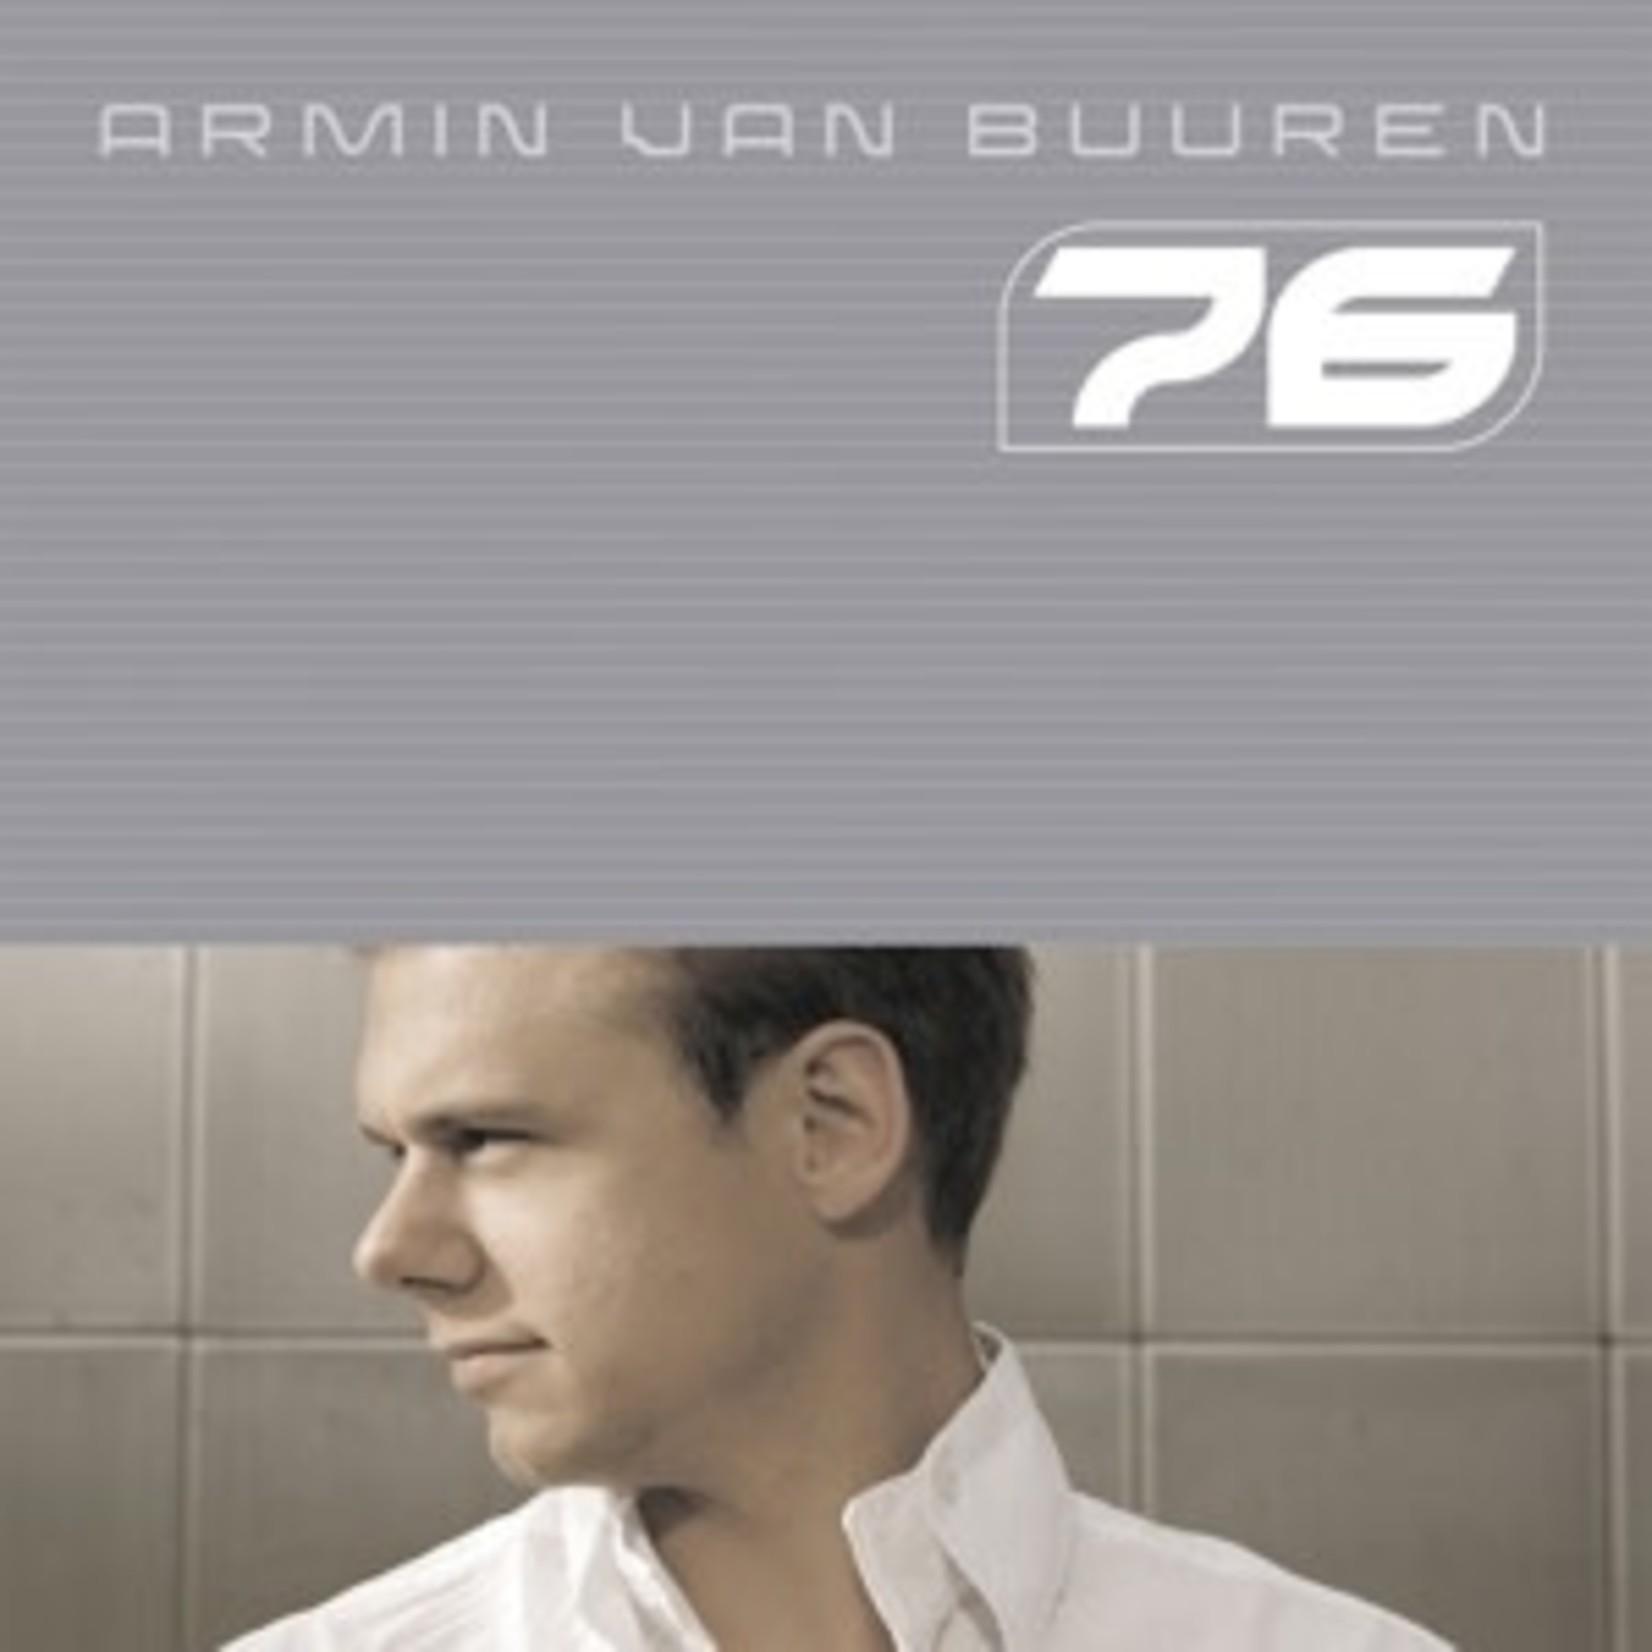 BUUREN_ ARMIN VAN- 76 -COLOURED- (VINYL)